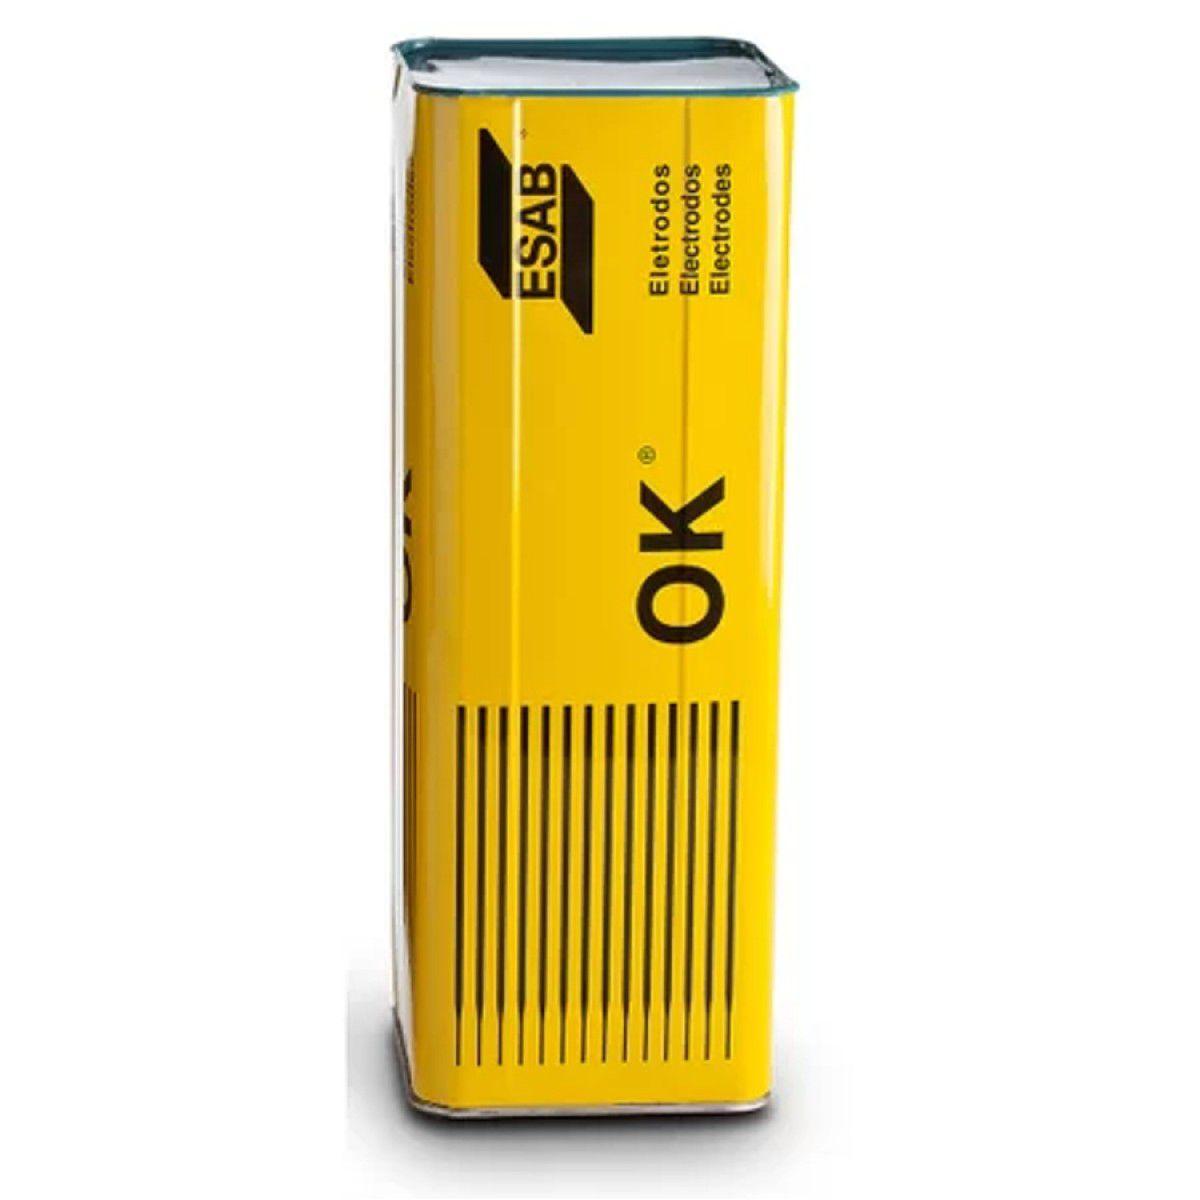 ELETRODO 4804 2,50mm ESAB OK - 1KG